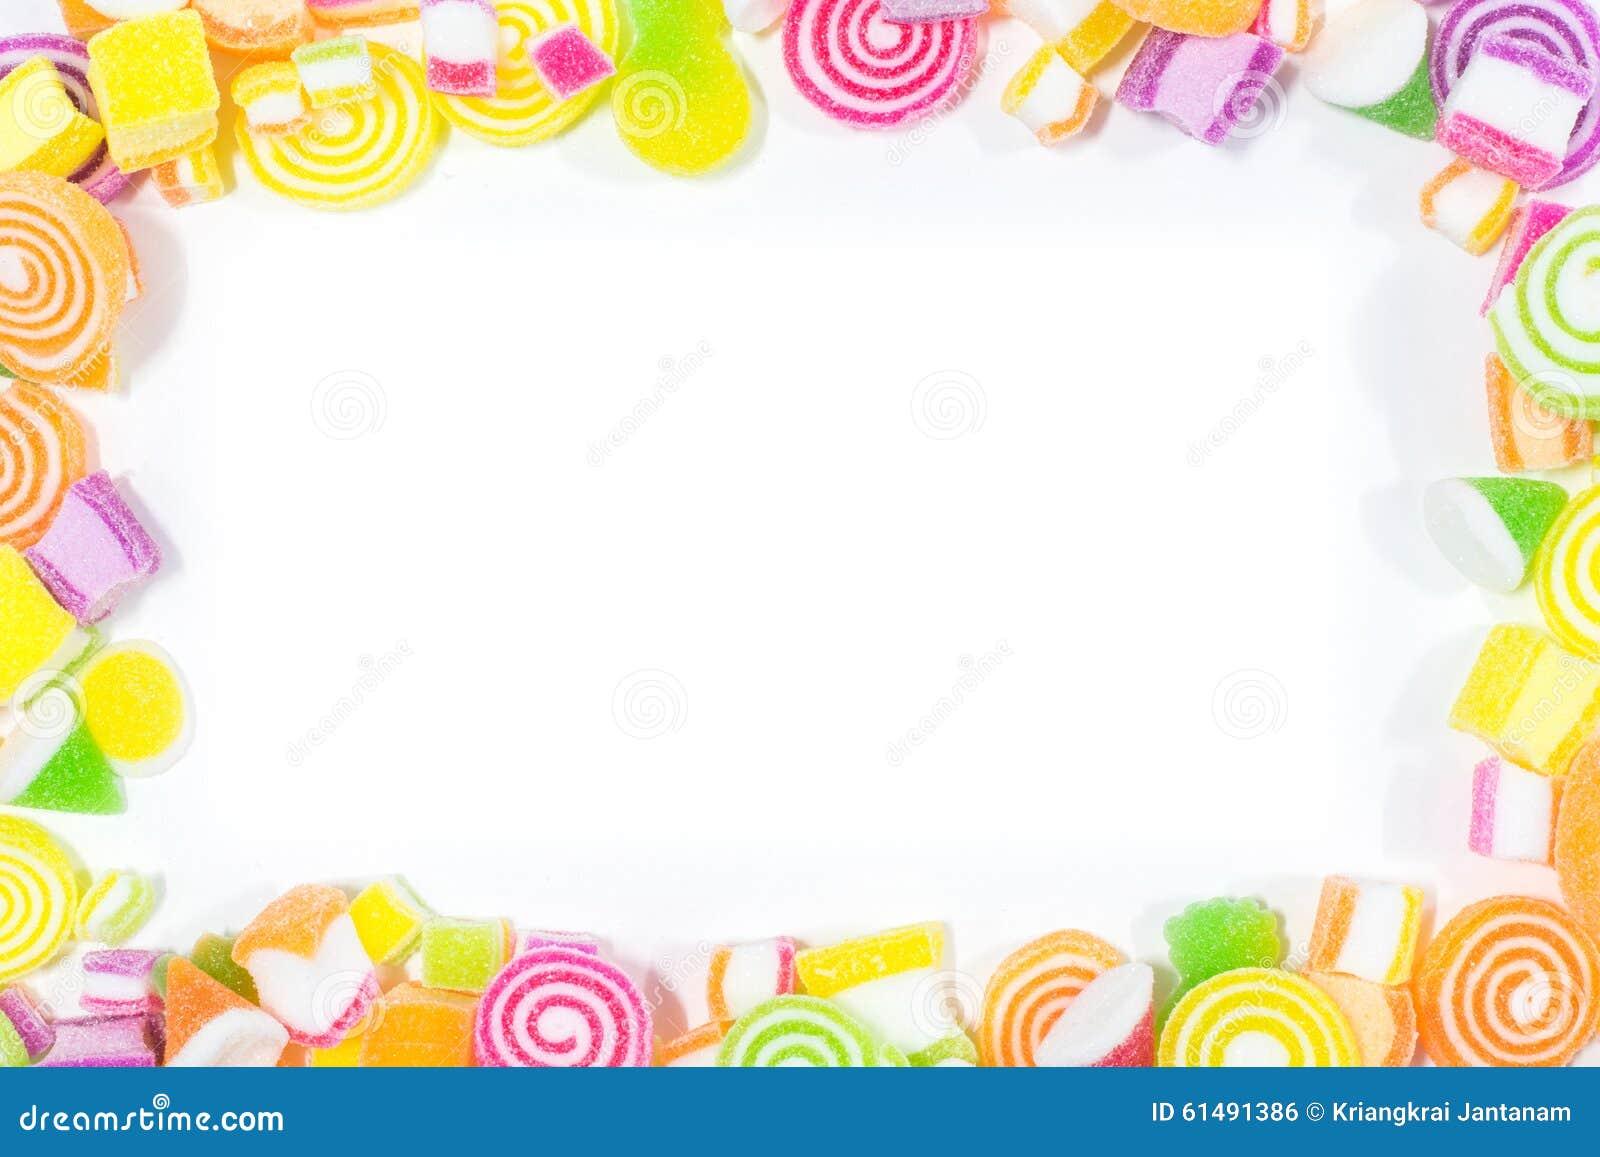 Marsmellow com fundo da sobremesa de gelatina